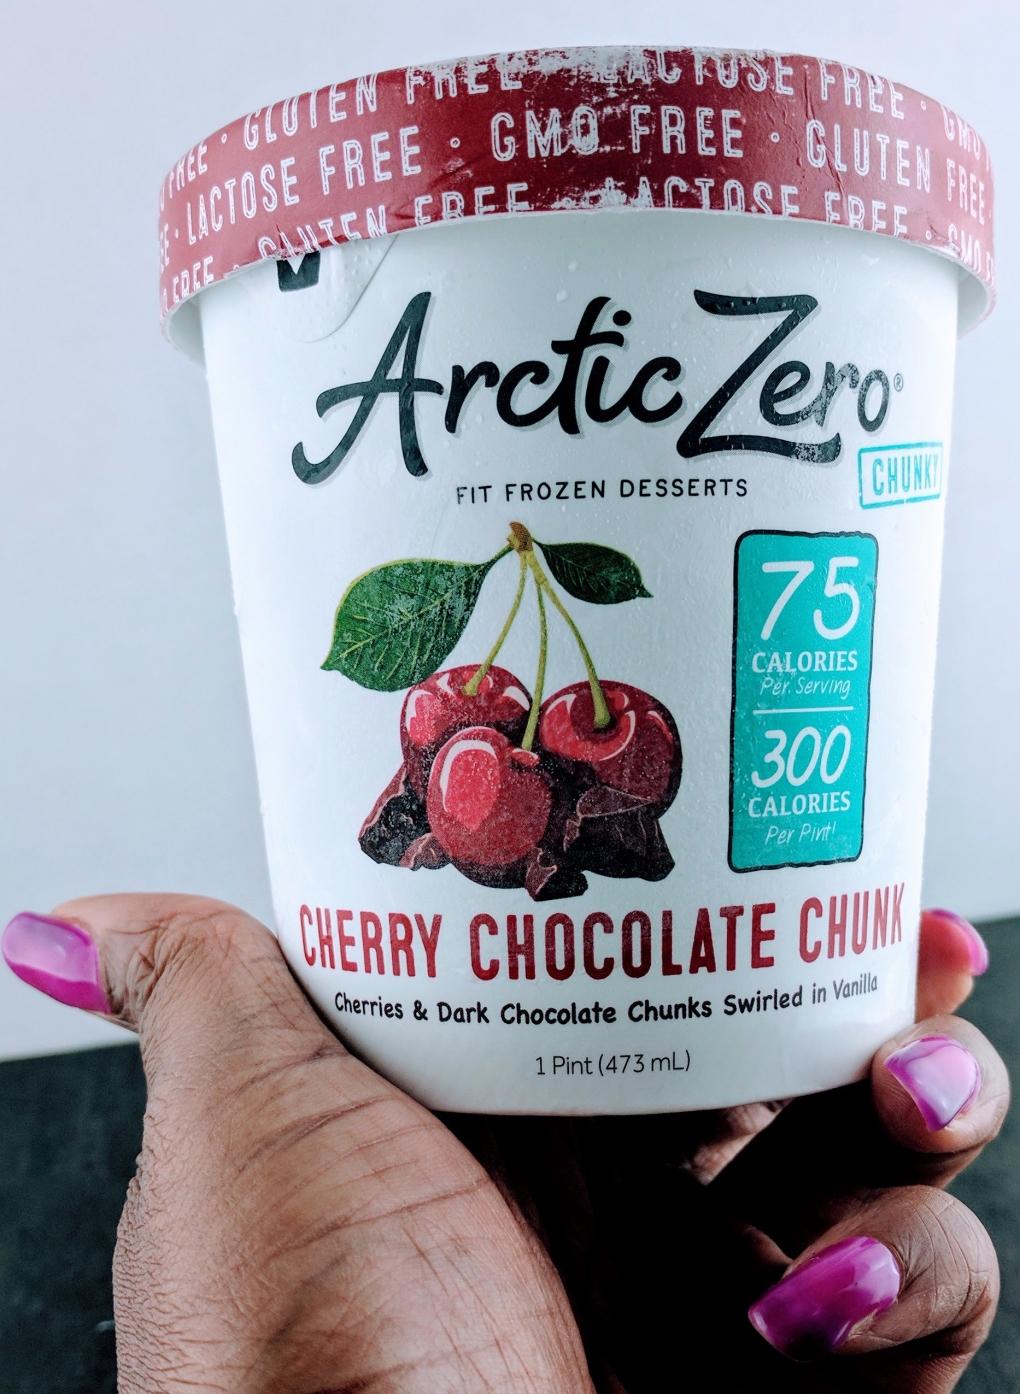 Cherry Chocolate Chunk Arctic Zero   PhzUniqueDiva